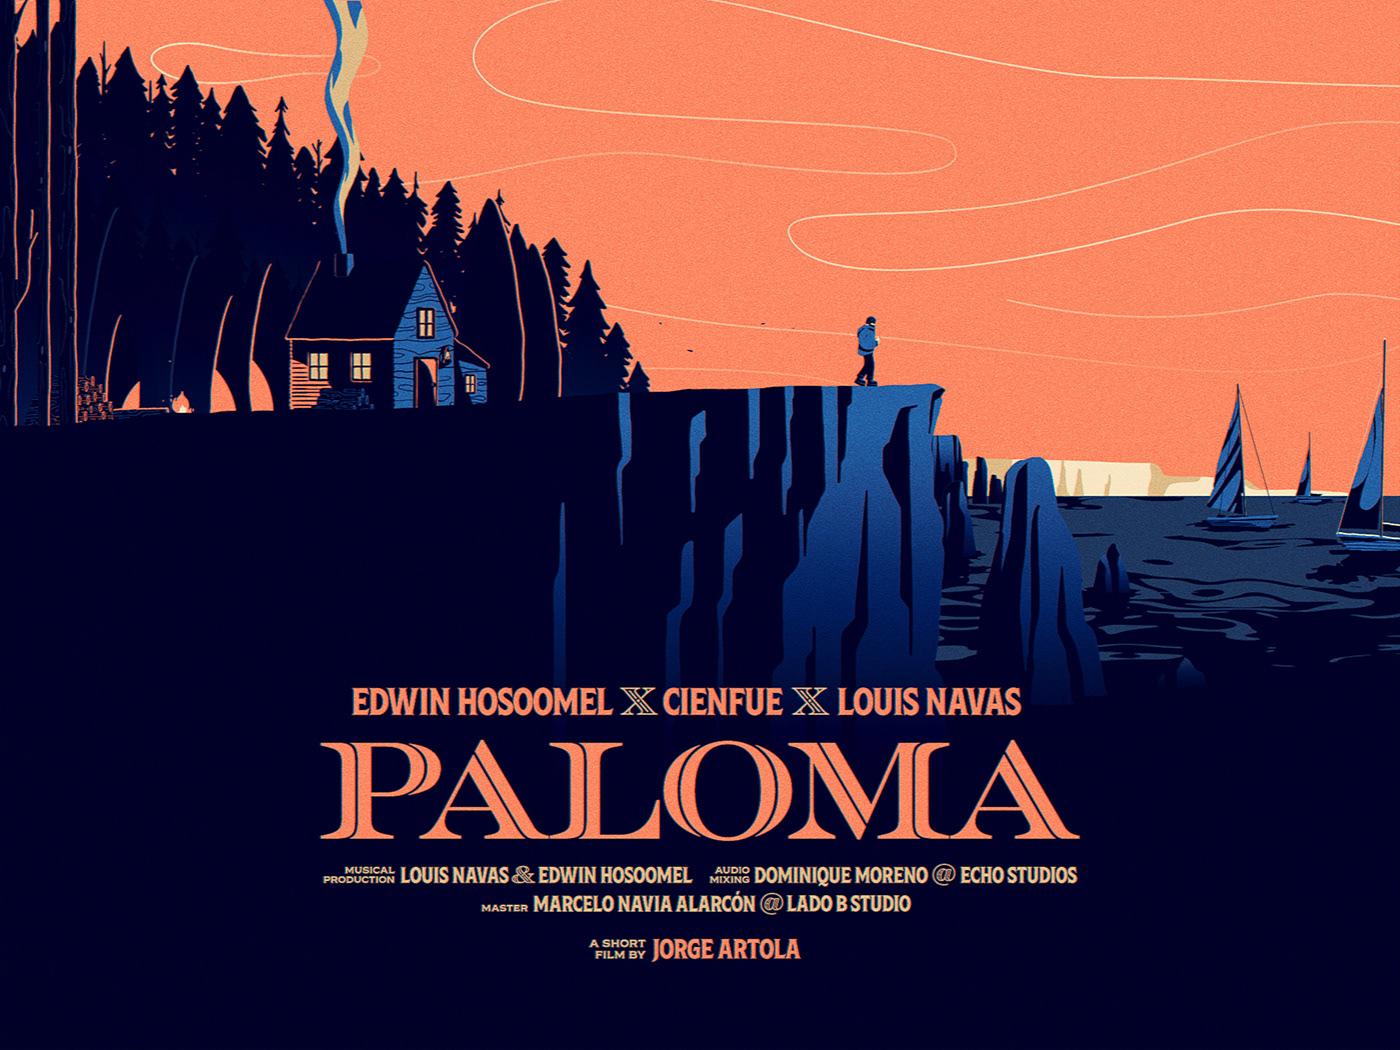 short film,paloma,music video,Videoclip,panama,madrid,hamburg,Edwin Hosoomel,cienfue,Louis Navas